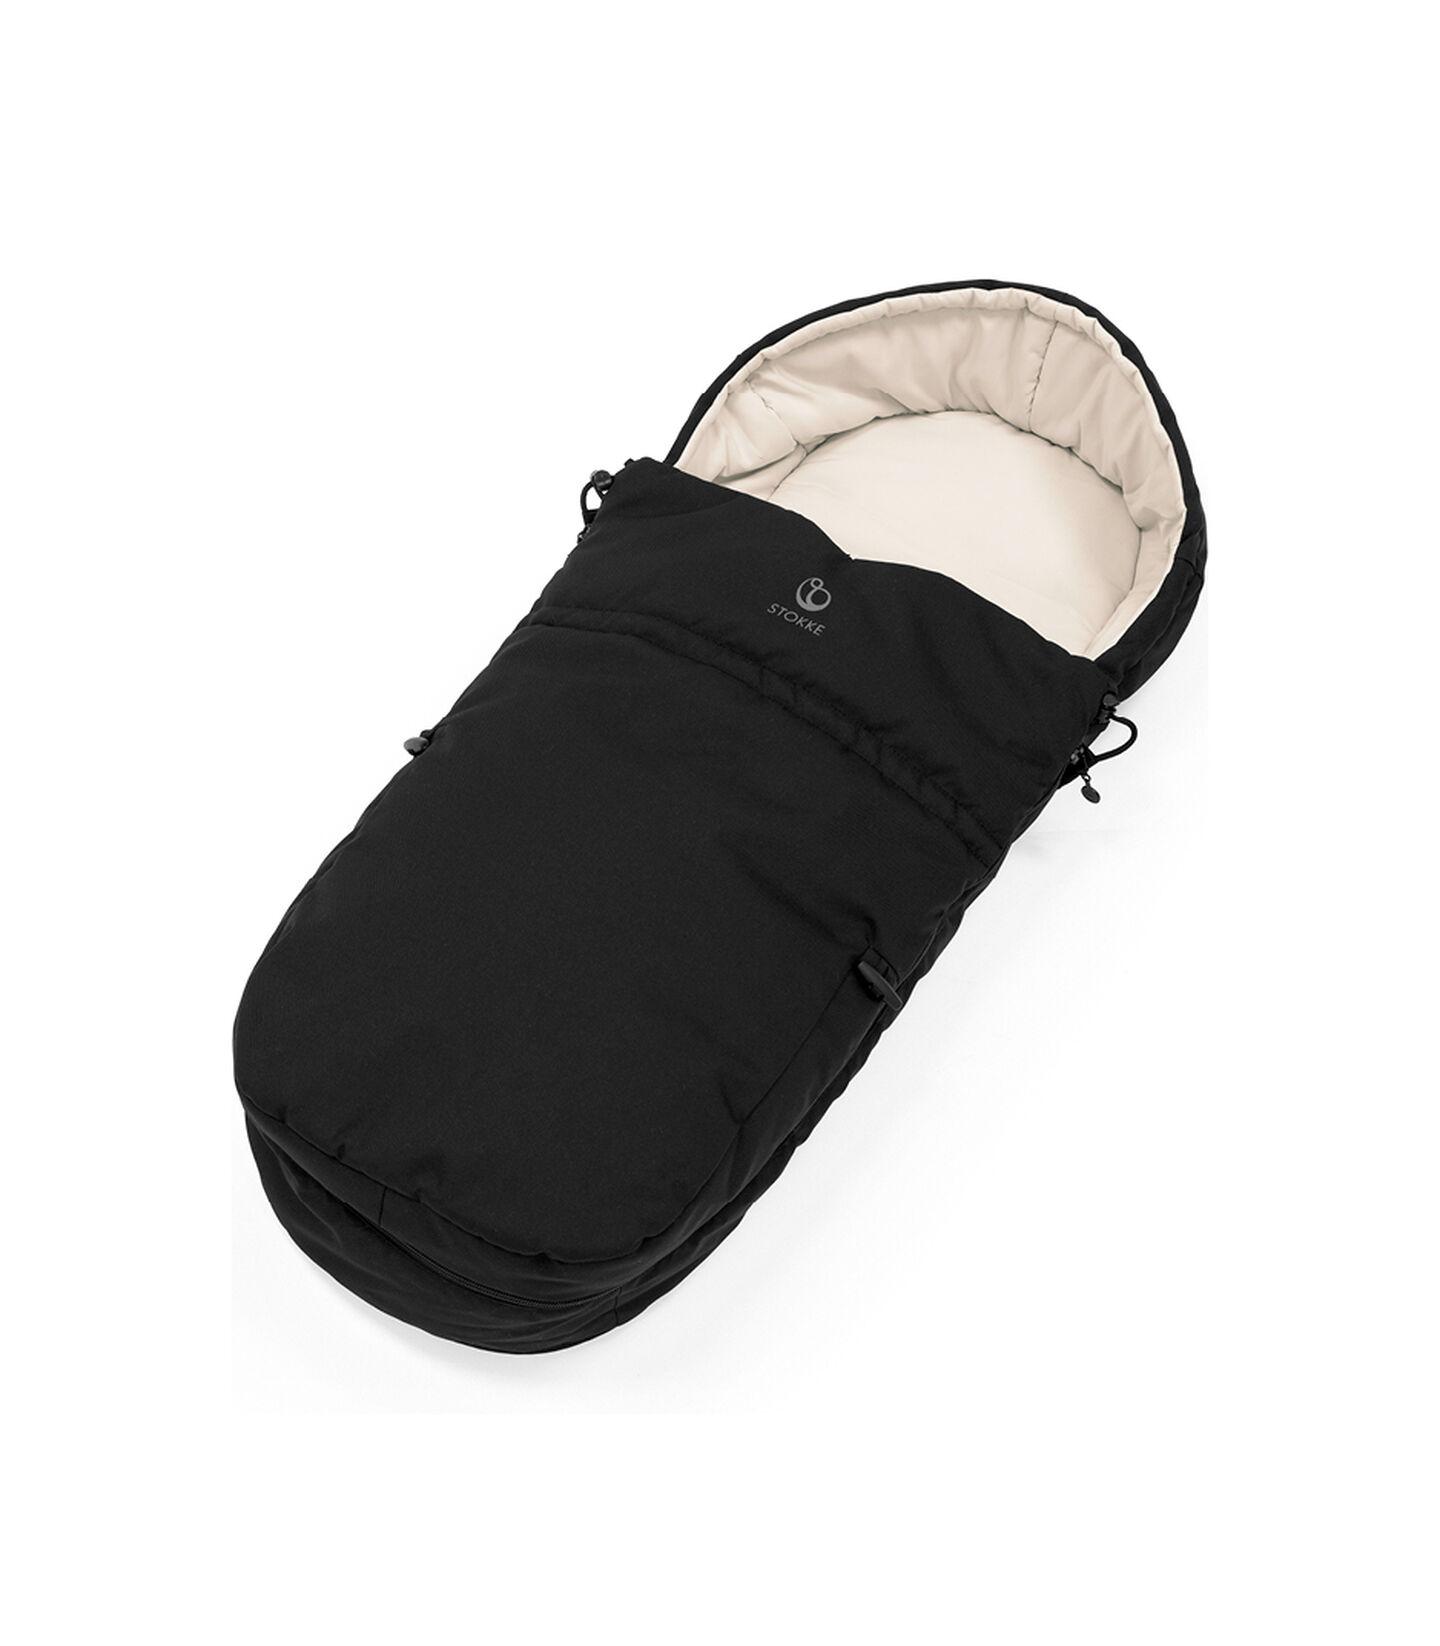 Stokke® Stroller Softbag Black, Noir, mainview view 2